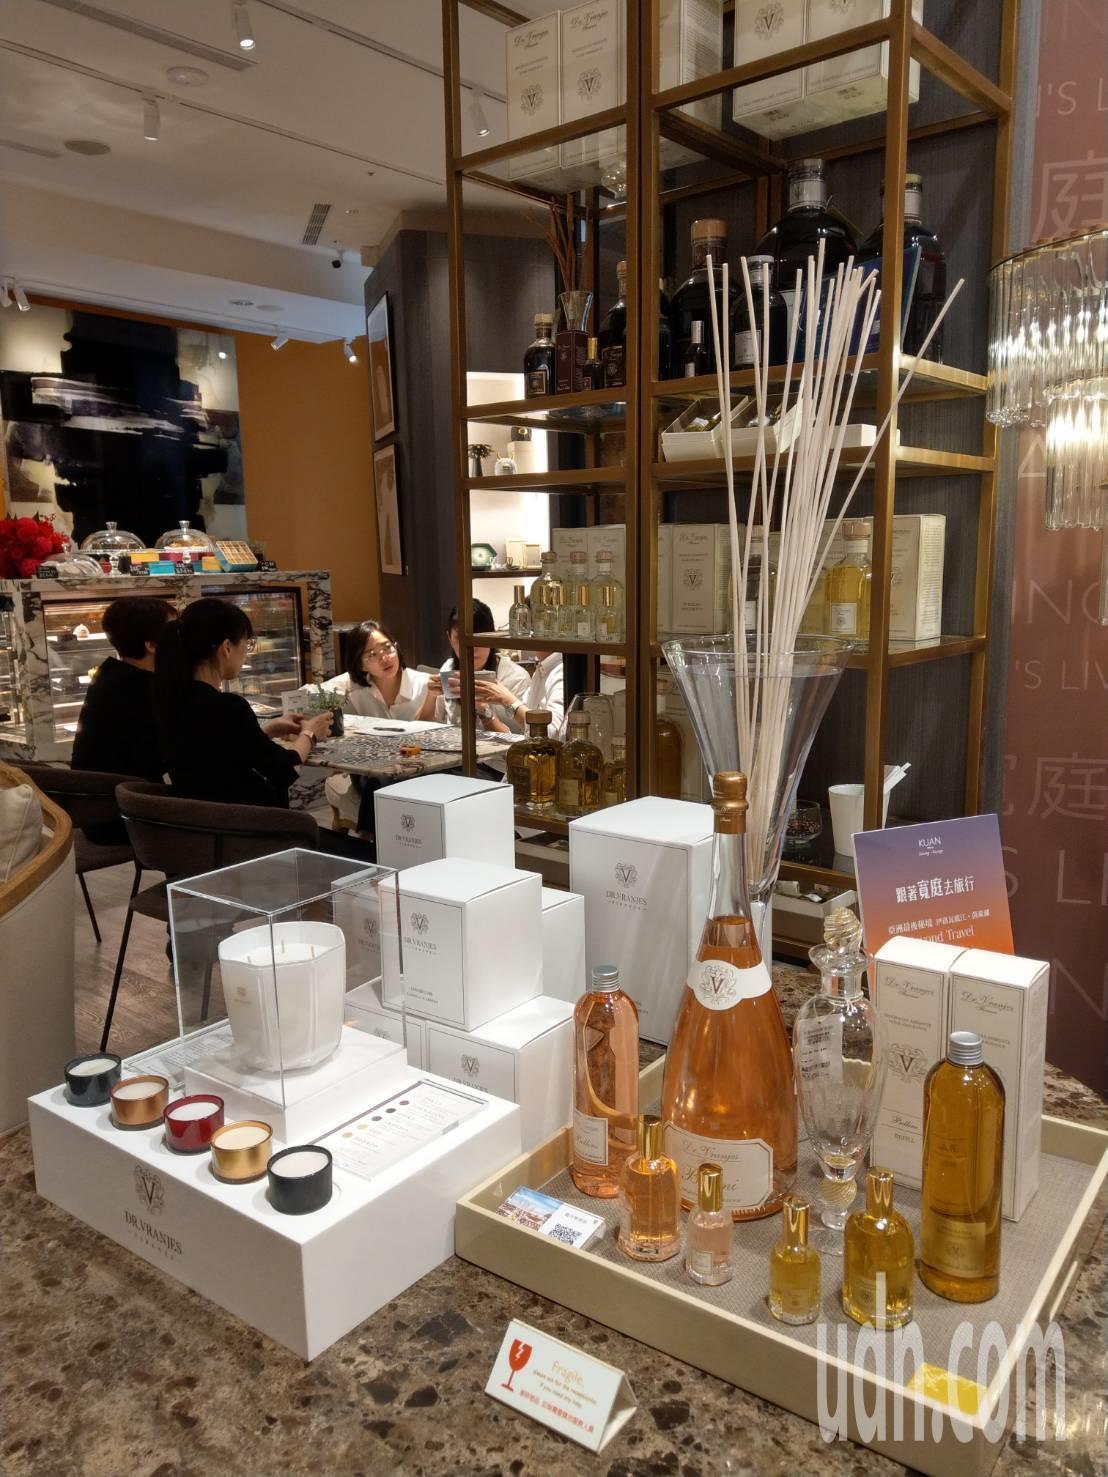 複合式概念店許多女性就是衝著可以欣賞家飾用品來喝咖啡 。記者謝梅芬/攝影